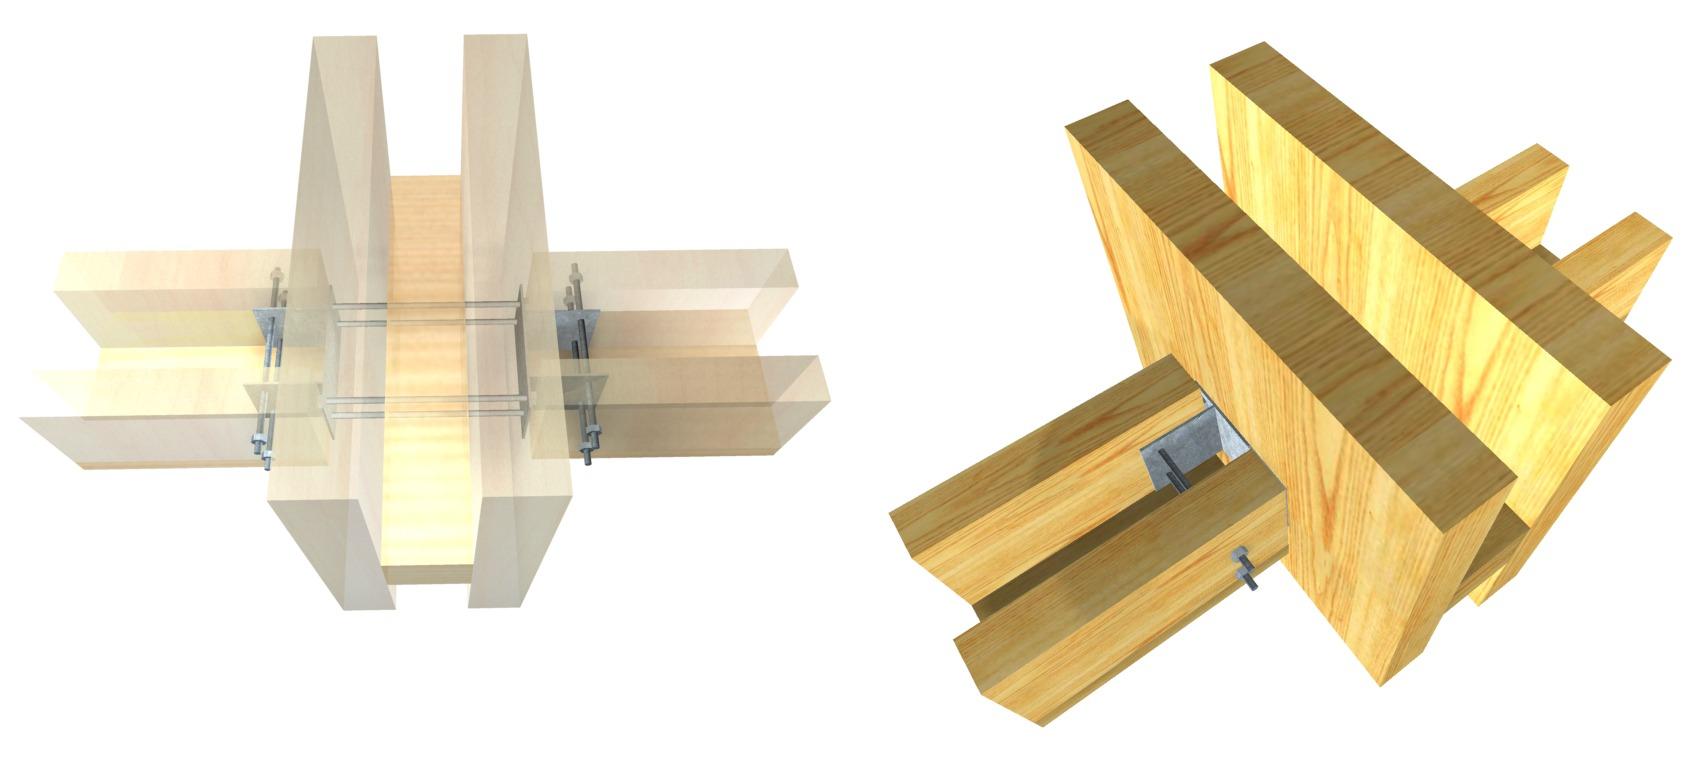 Galer a de 15 herrajes met licos para conectar estructuras de madera laminada arauco 9 - Estructuras de madera laminada ...